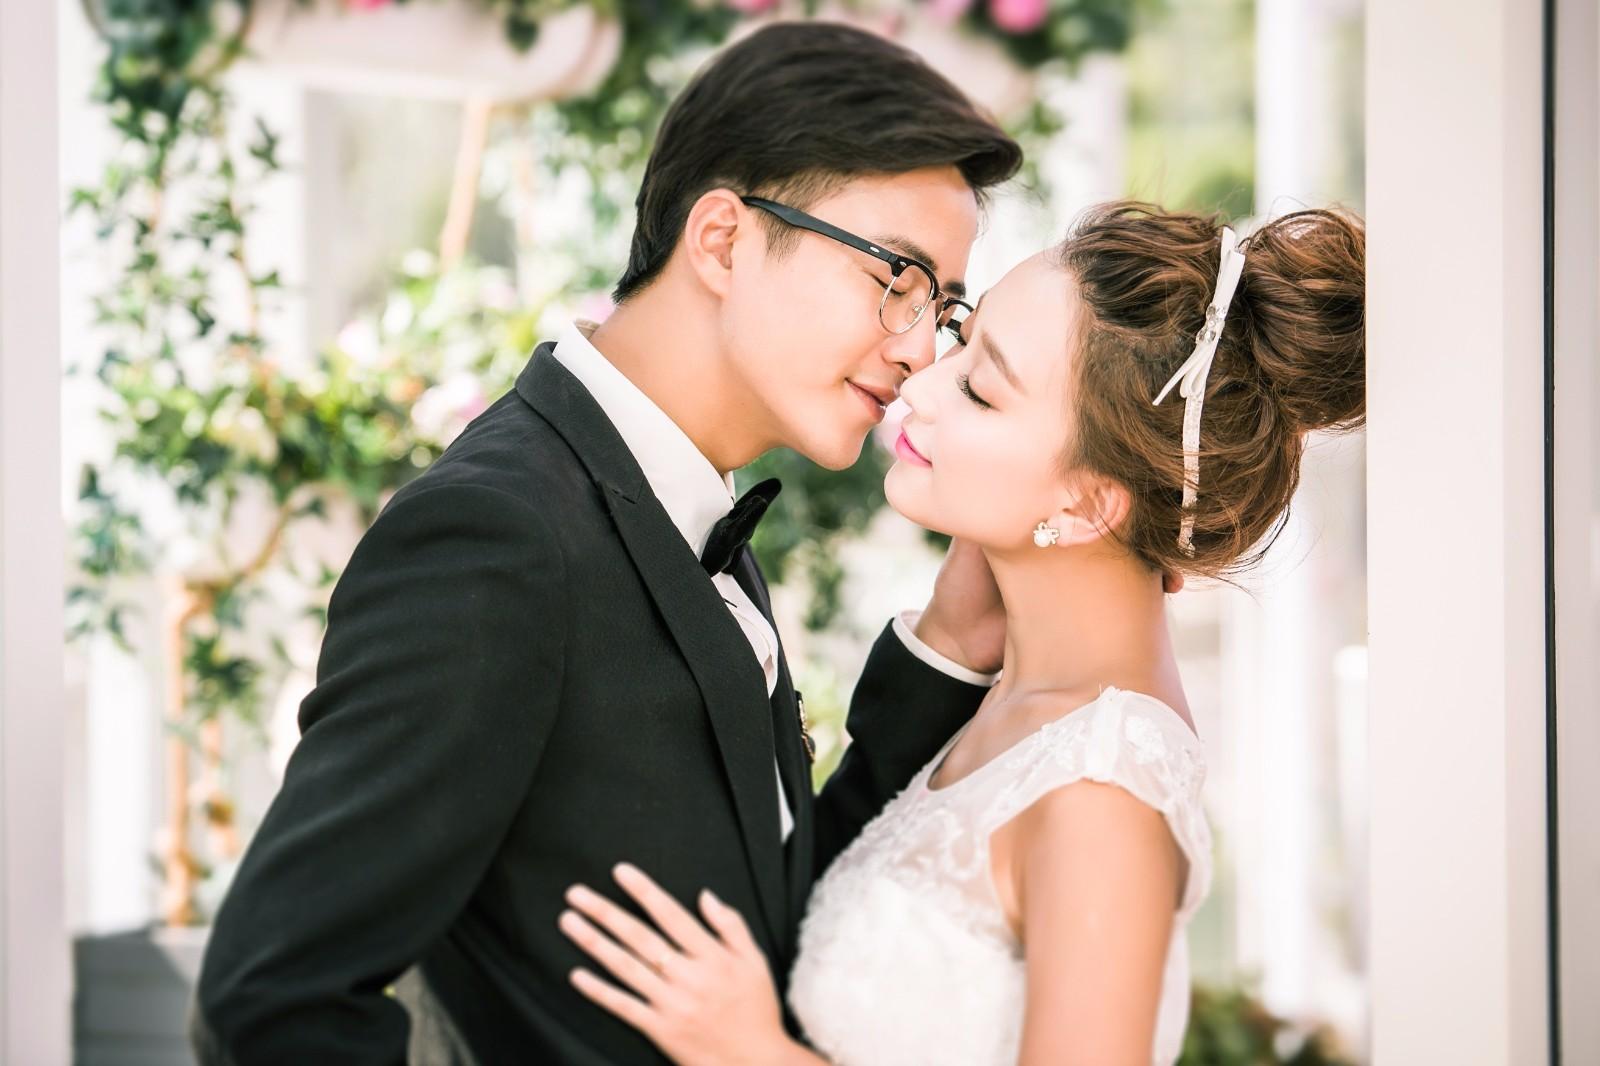 结婚三十年是什么婚?该怎么表达自己的心情?